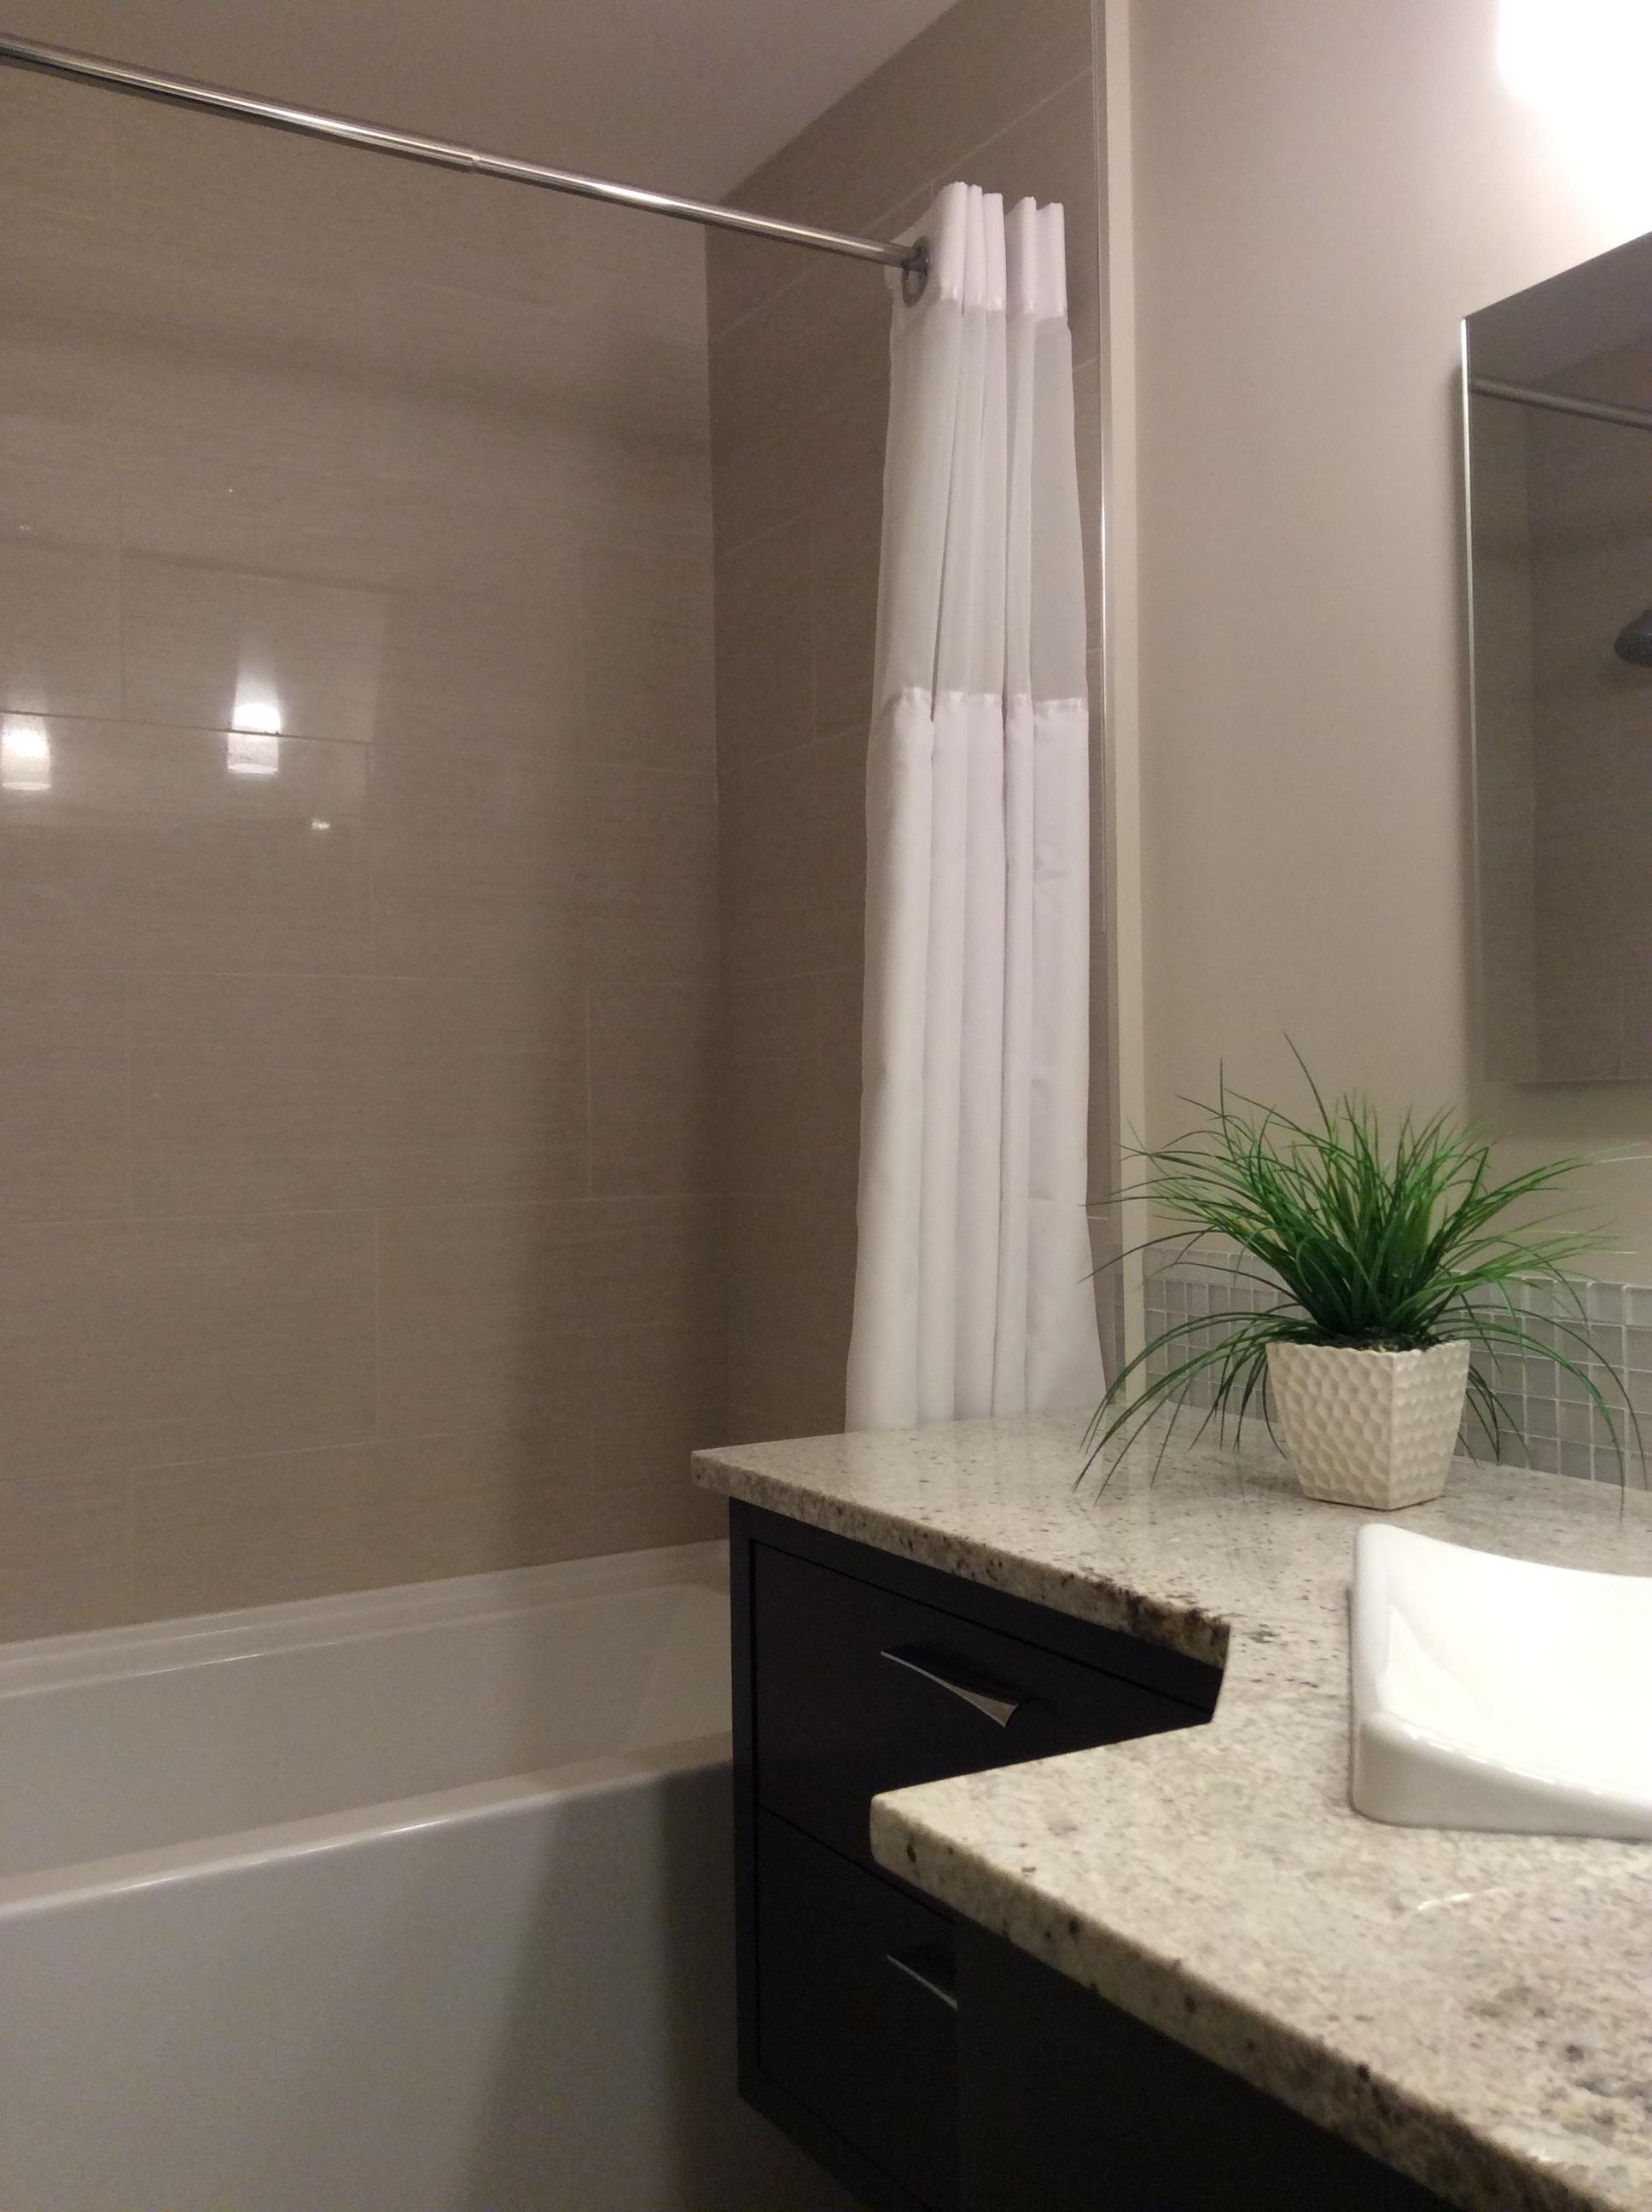 Custom cabinetry quarter sawn oak, granite countertops, porcelain tub surround.